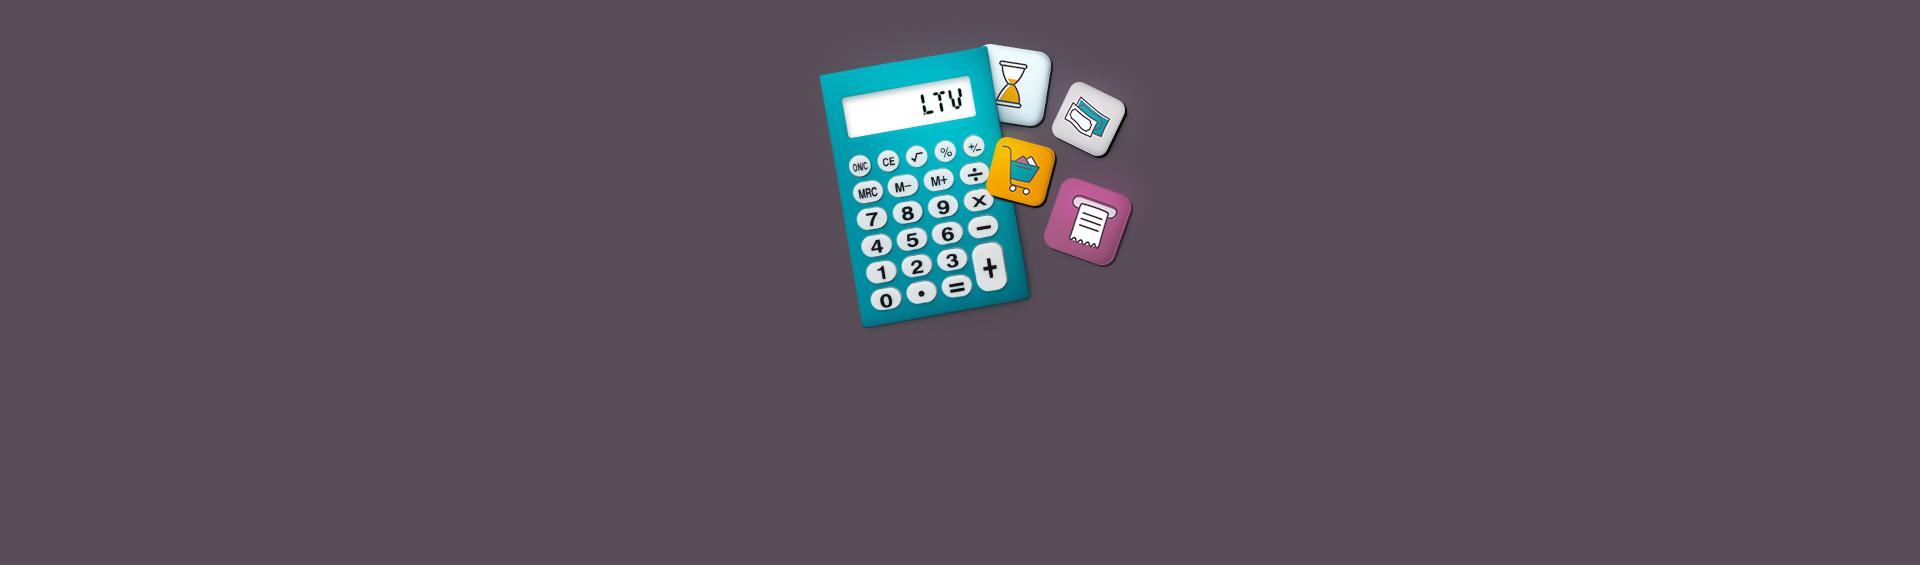 Калькулятор LTV. Считайте пожизненную ценность клиента онлайн